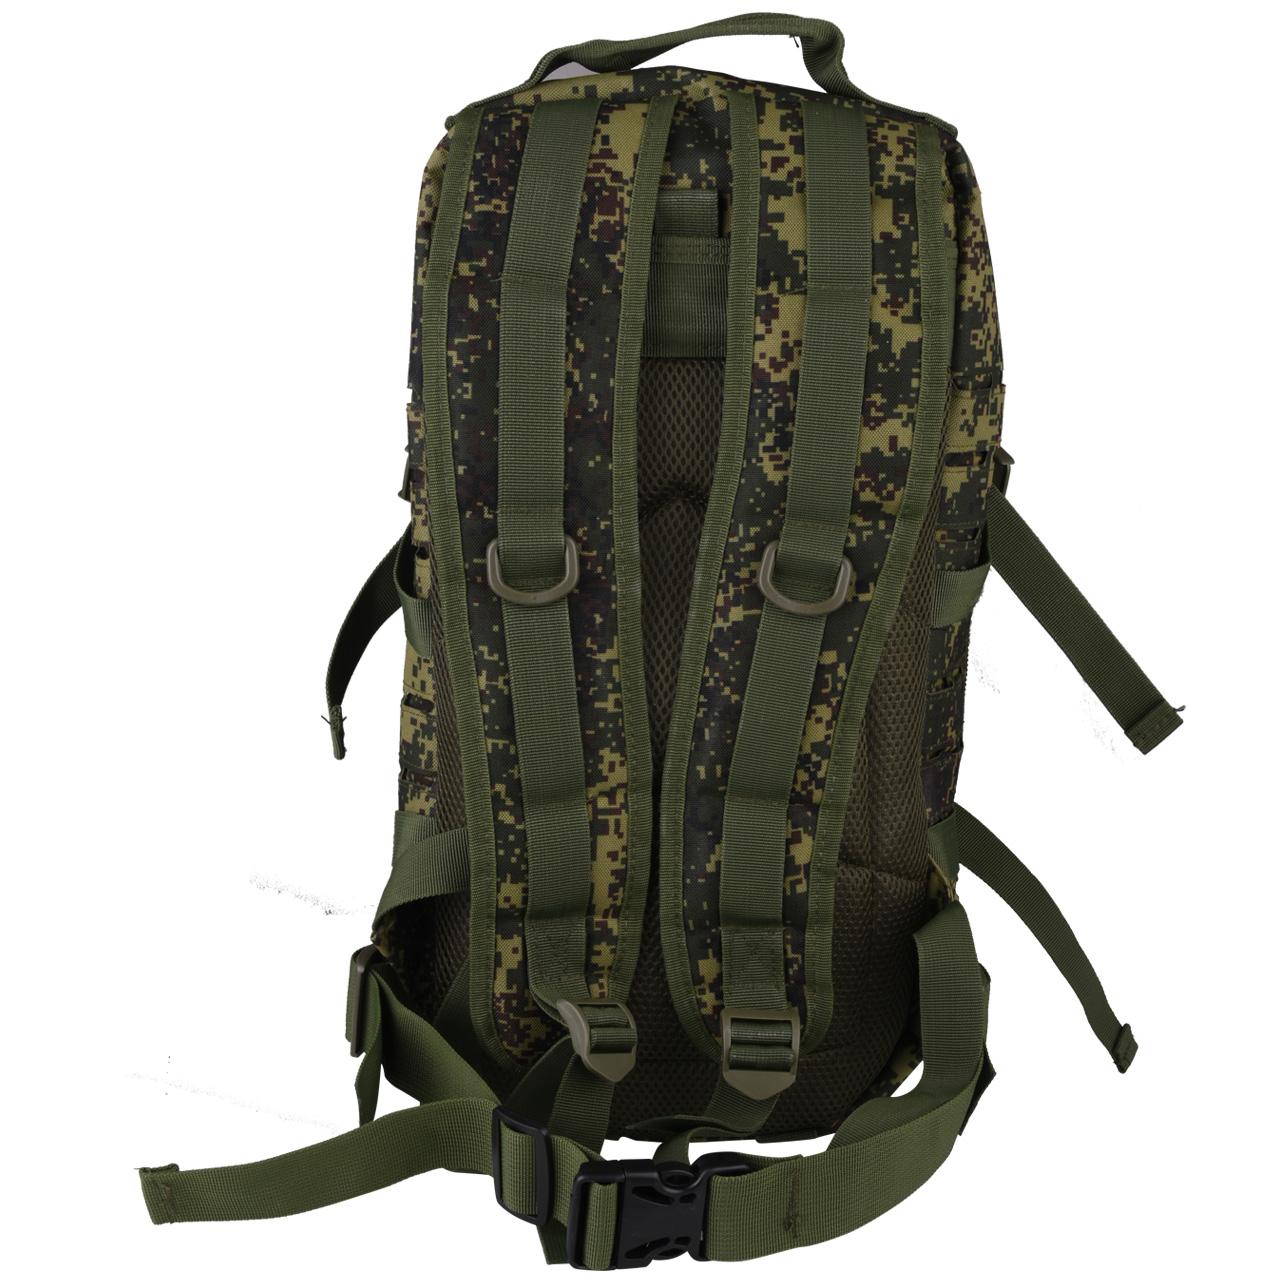 Купить милитари рюкзак с военной нашивкой Пограничной службы с доставкой или самовывозом